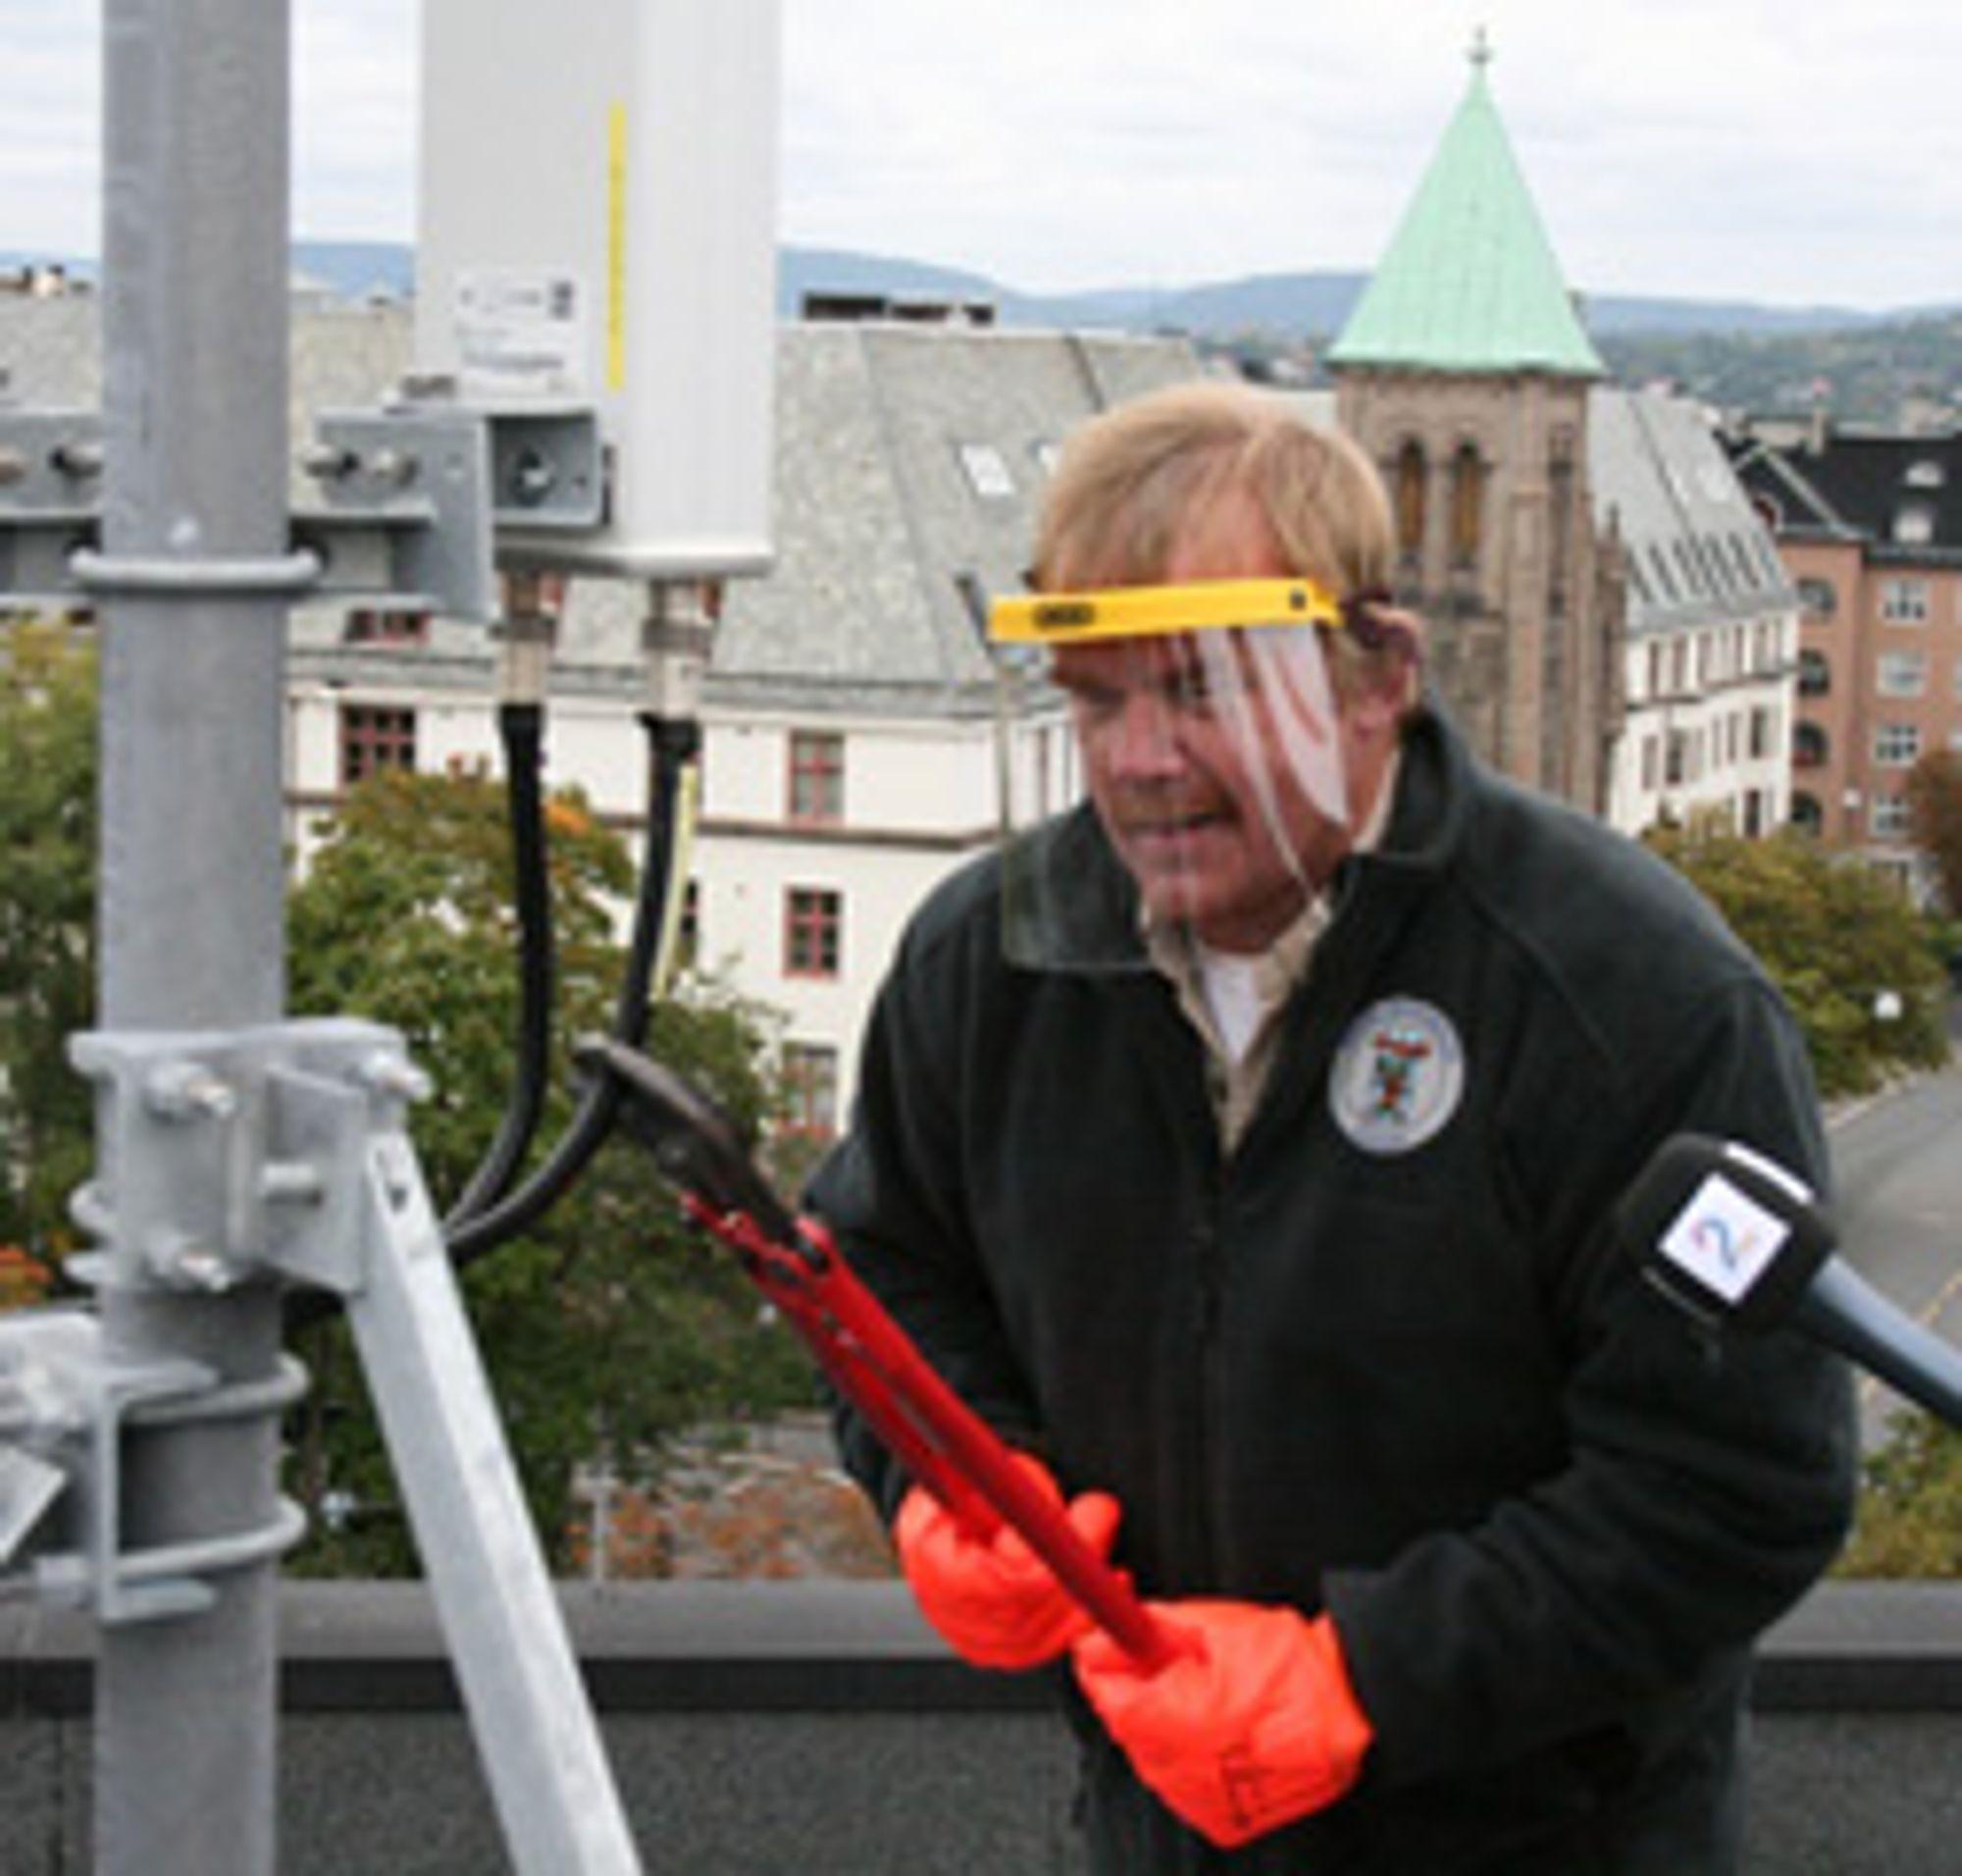 Her klipper Oddekalv kablene. Og han ville gjort det samme igjen.